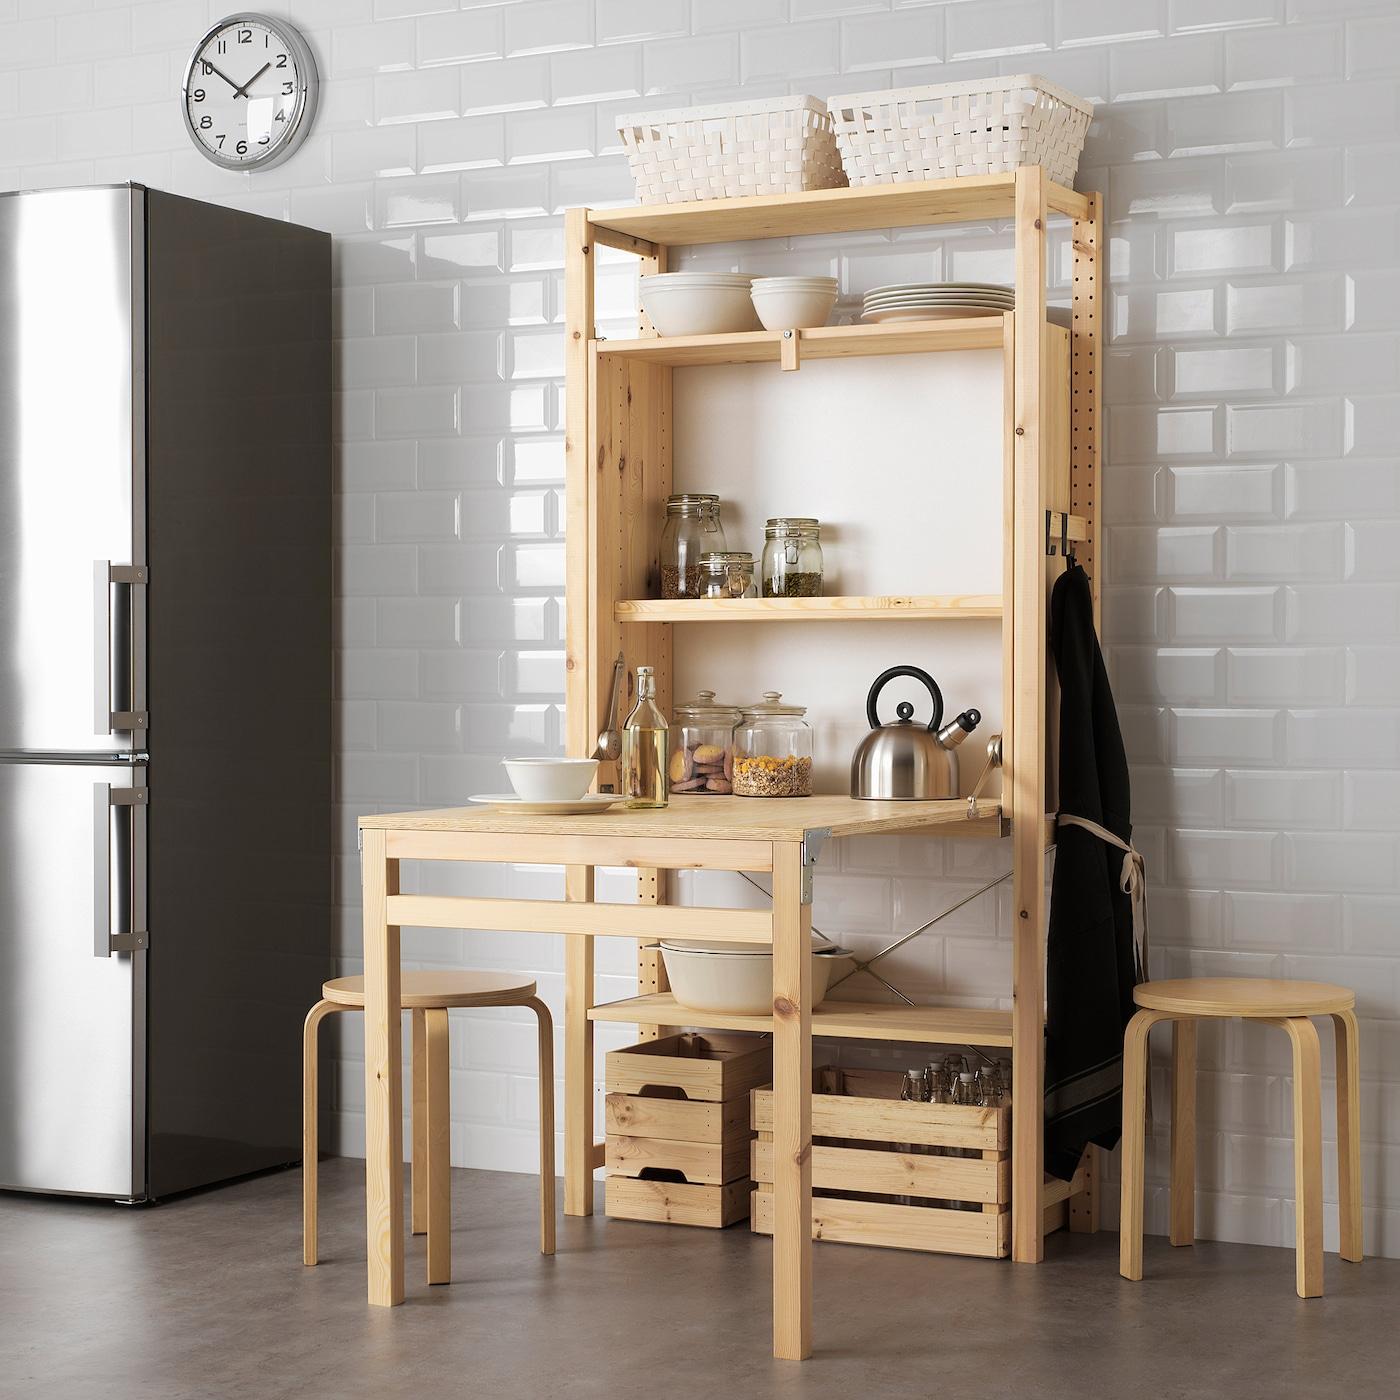 Ivar Rangement Avec Table Pliante - Pin 80X30-104X155 Cm concernant Table Salle A Manger Pliante Ikea